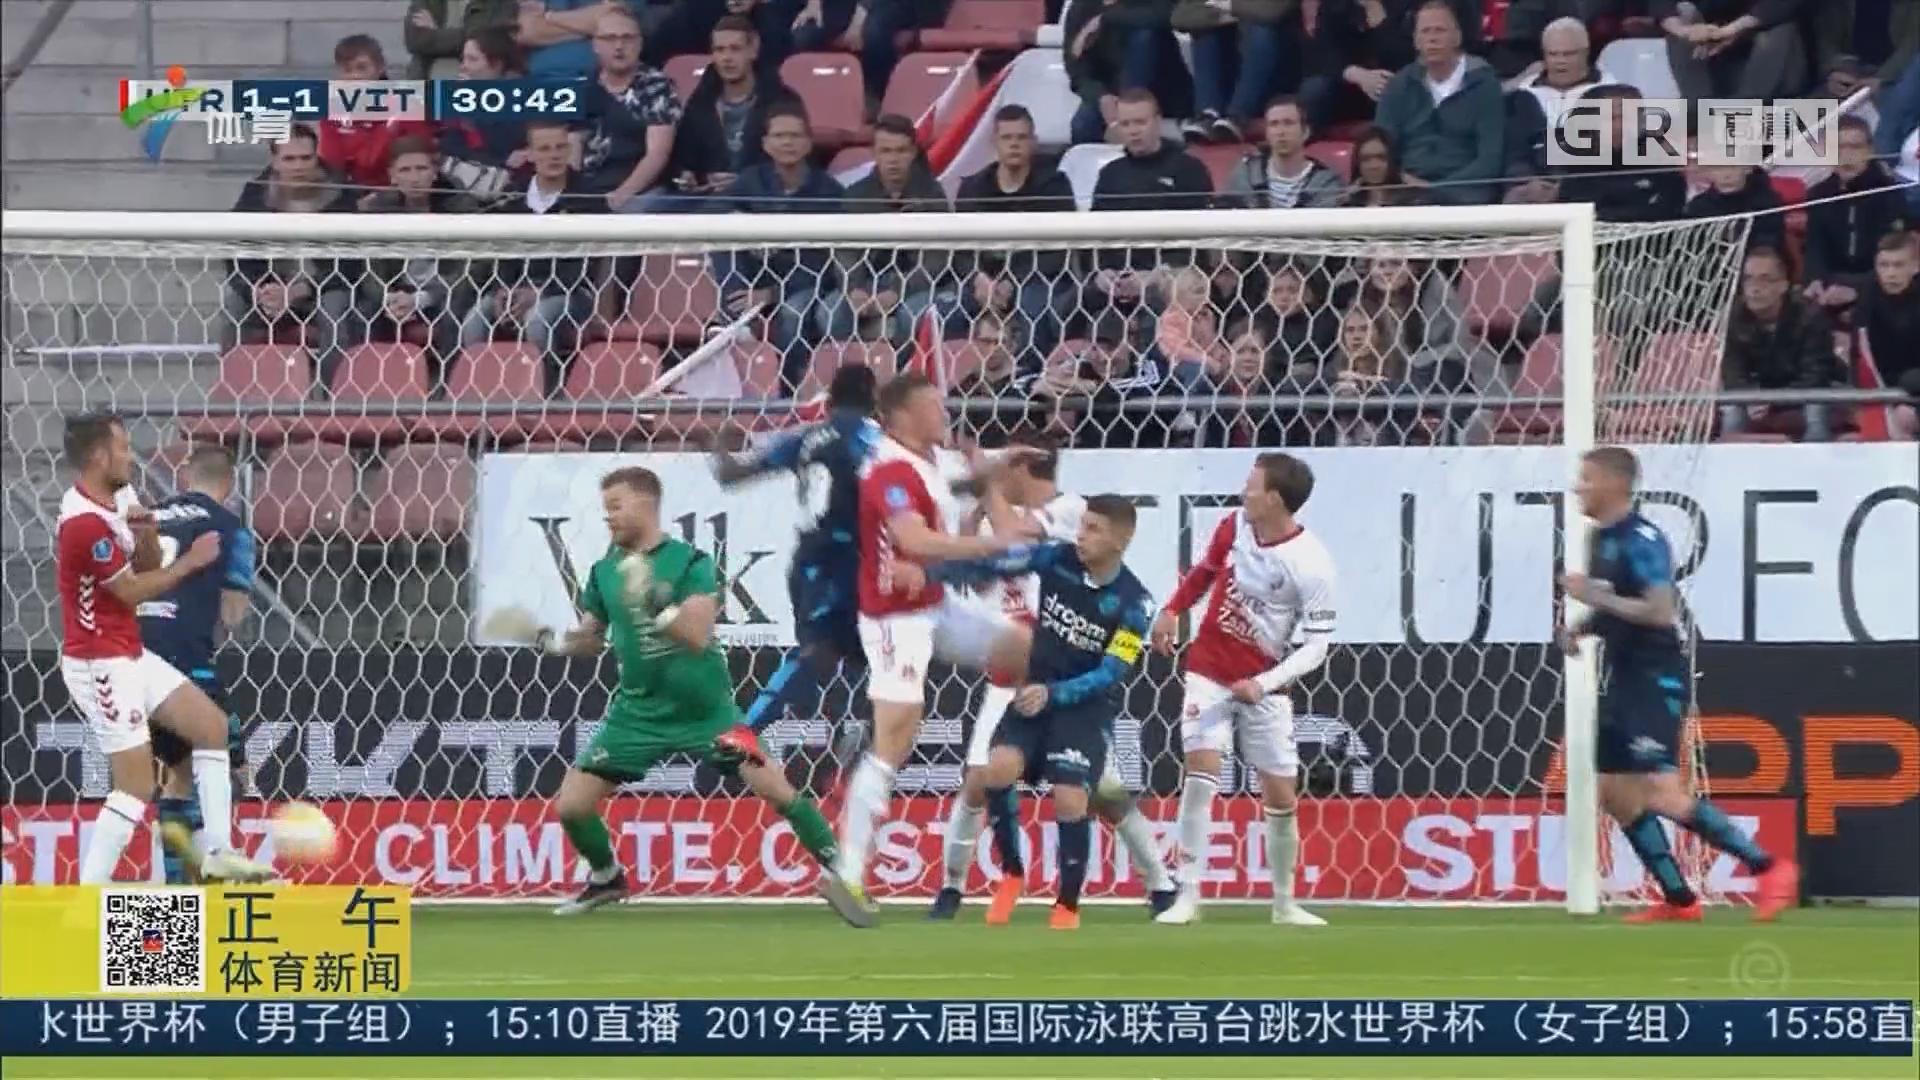 欧联杯资格赛决赛 乌德勒支首回合被逼平